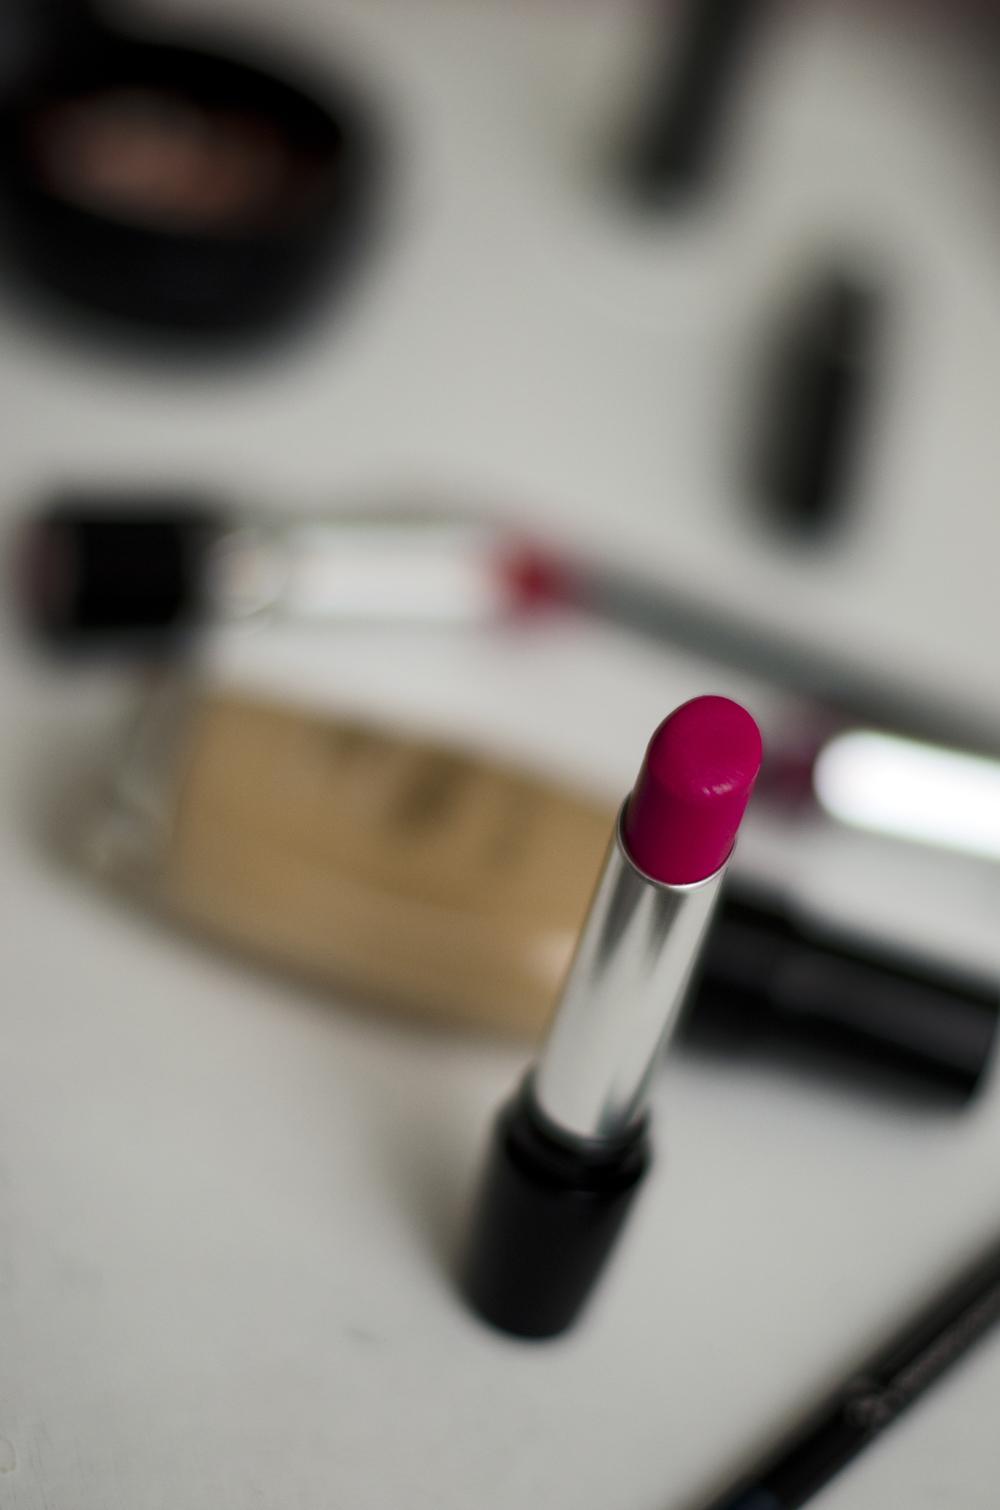 rossetto perfetto | rossetto rosa fucsia | rossetto a lunga durata